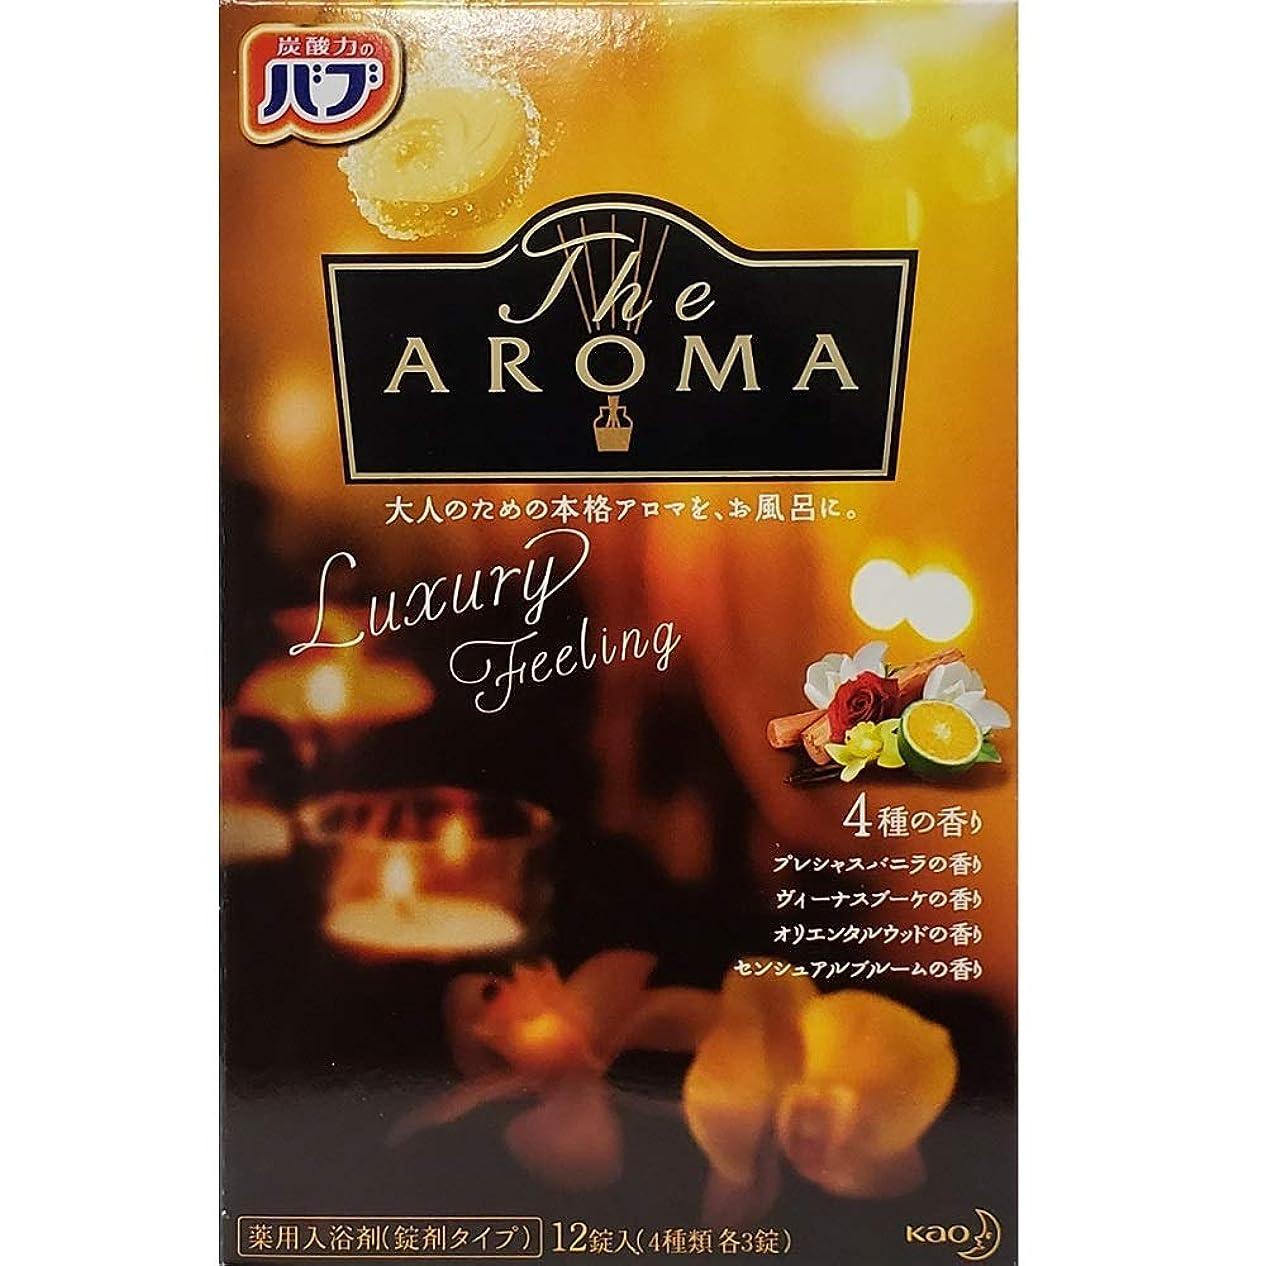 埋め込む重力デッドロックバブ The Aroma Luxury Feeling 40g×12錠(4種類 各3錠) 医薬部外品